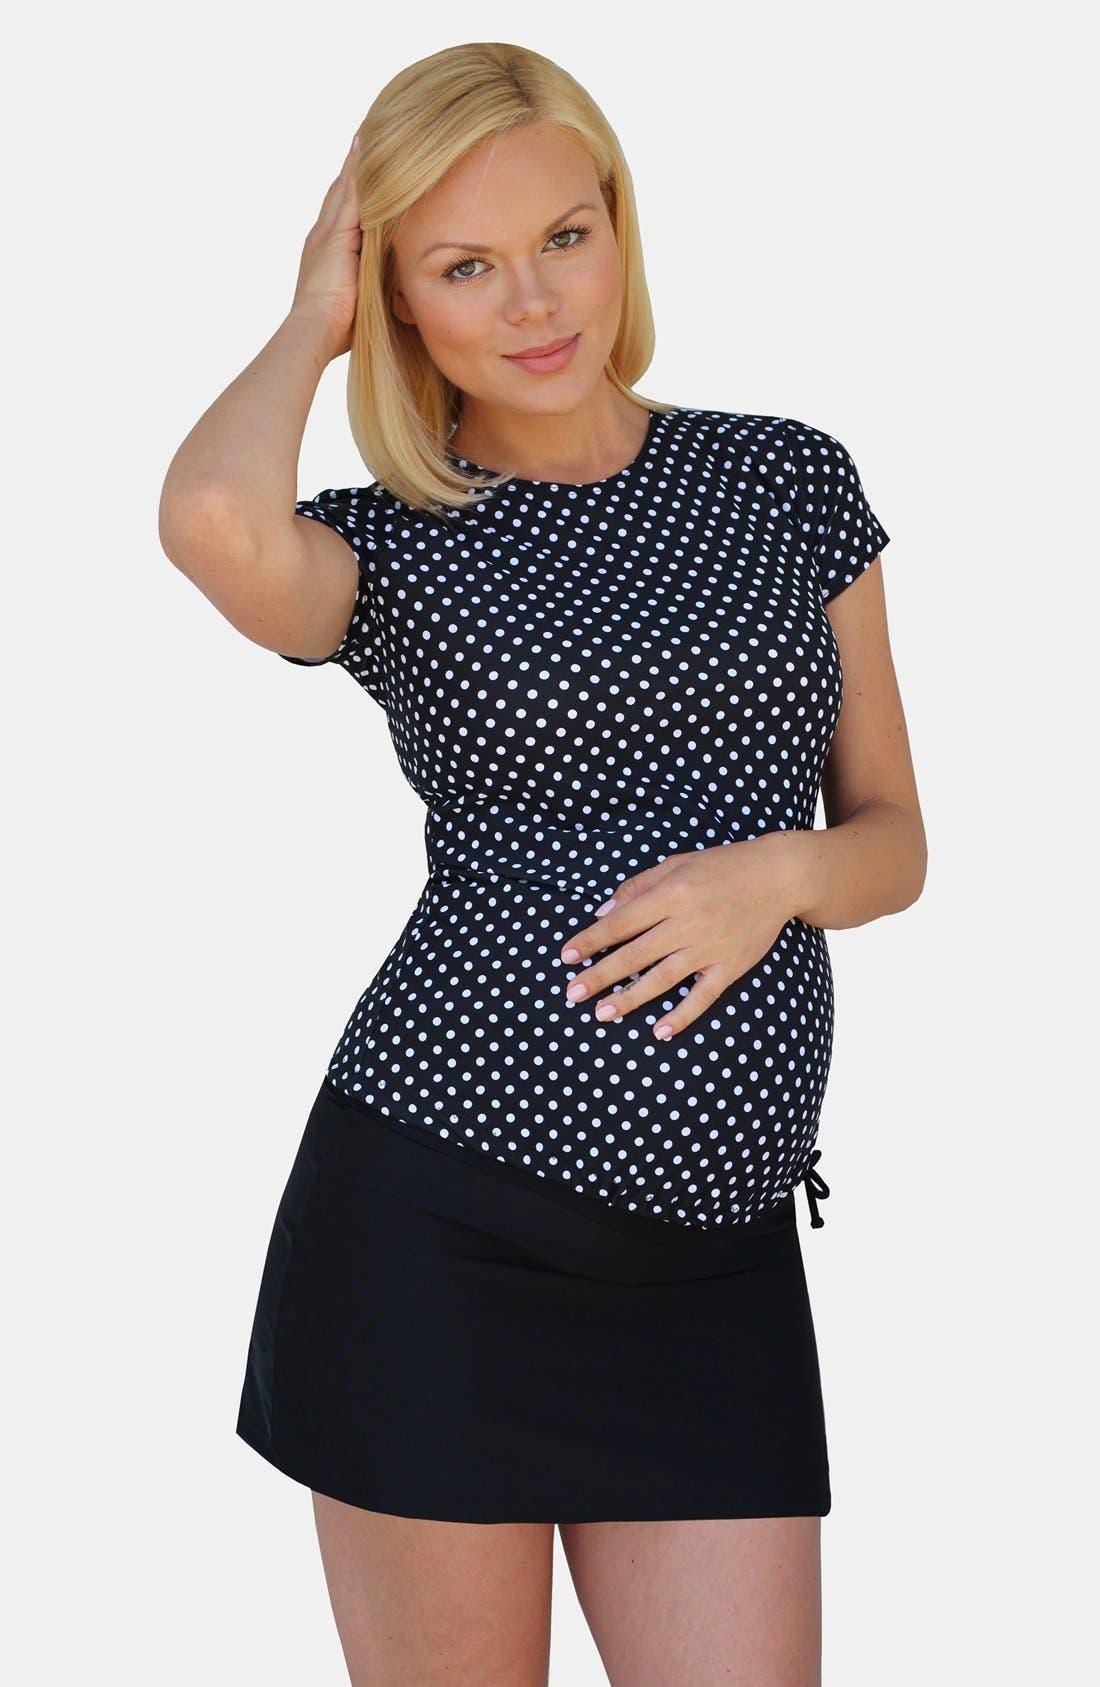 Short Sleeve Rashguard Swim Shirt,                             Main thumbnail 1, color,                             BLACK/ WHITE POLKA DOTS